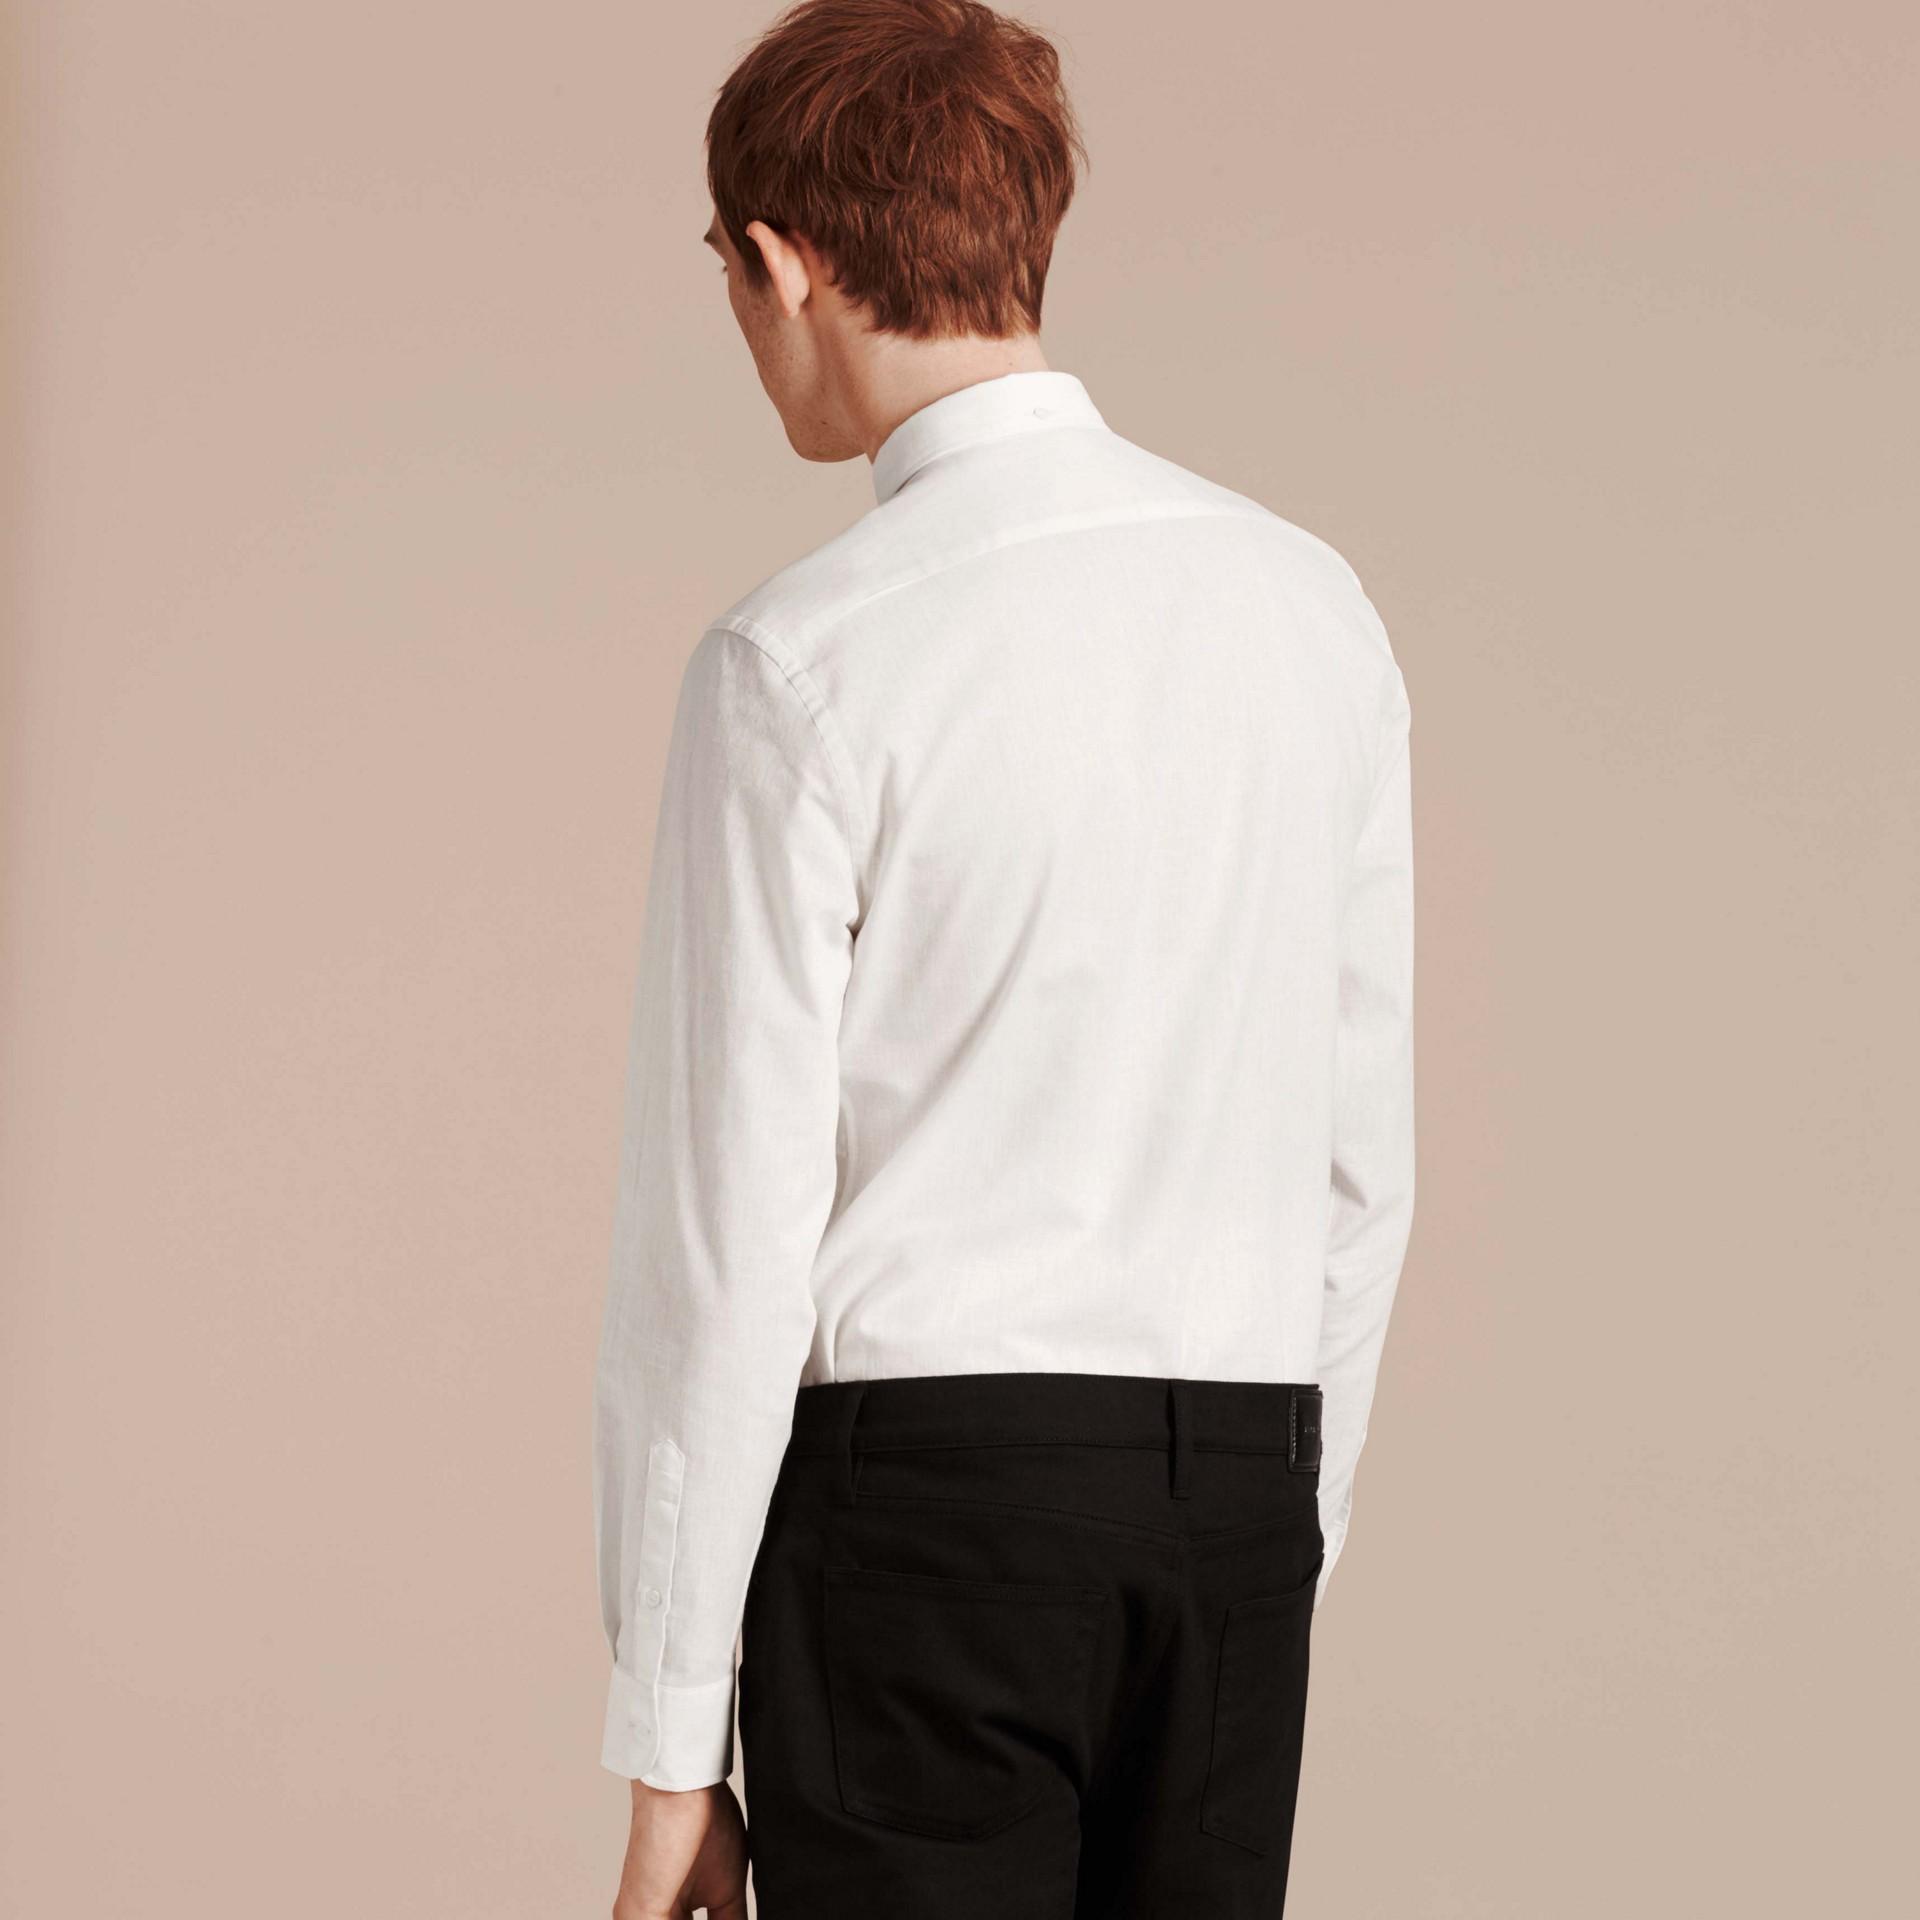 Weiss Hemd aus Baumwolle und Leinen mit Button-down-Kragen Weiss - Galerie-Bild 2